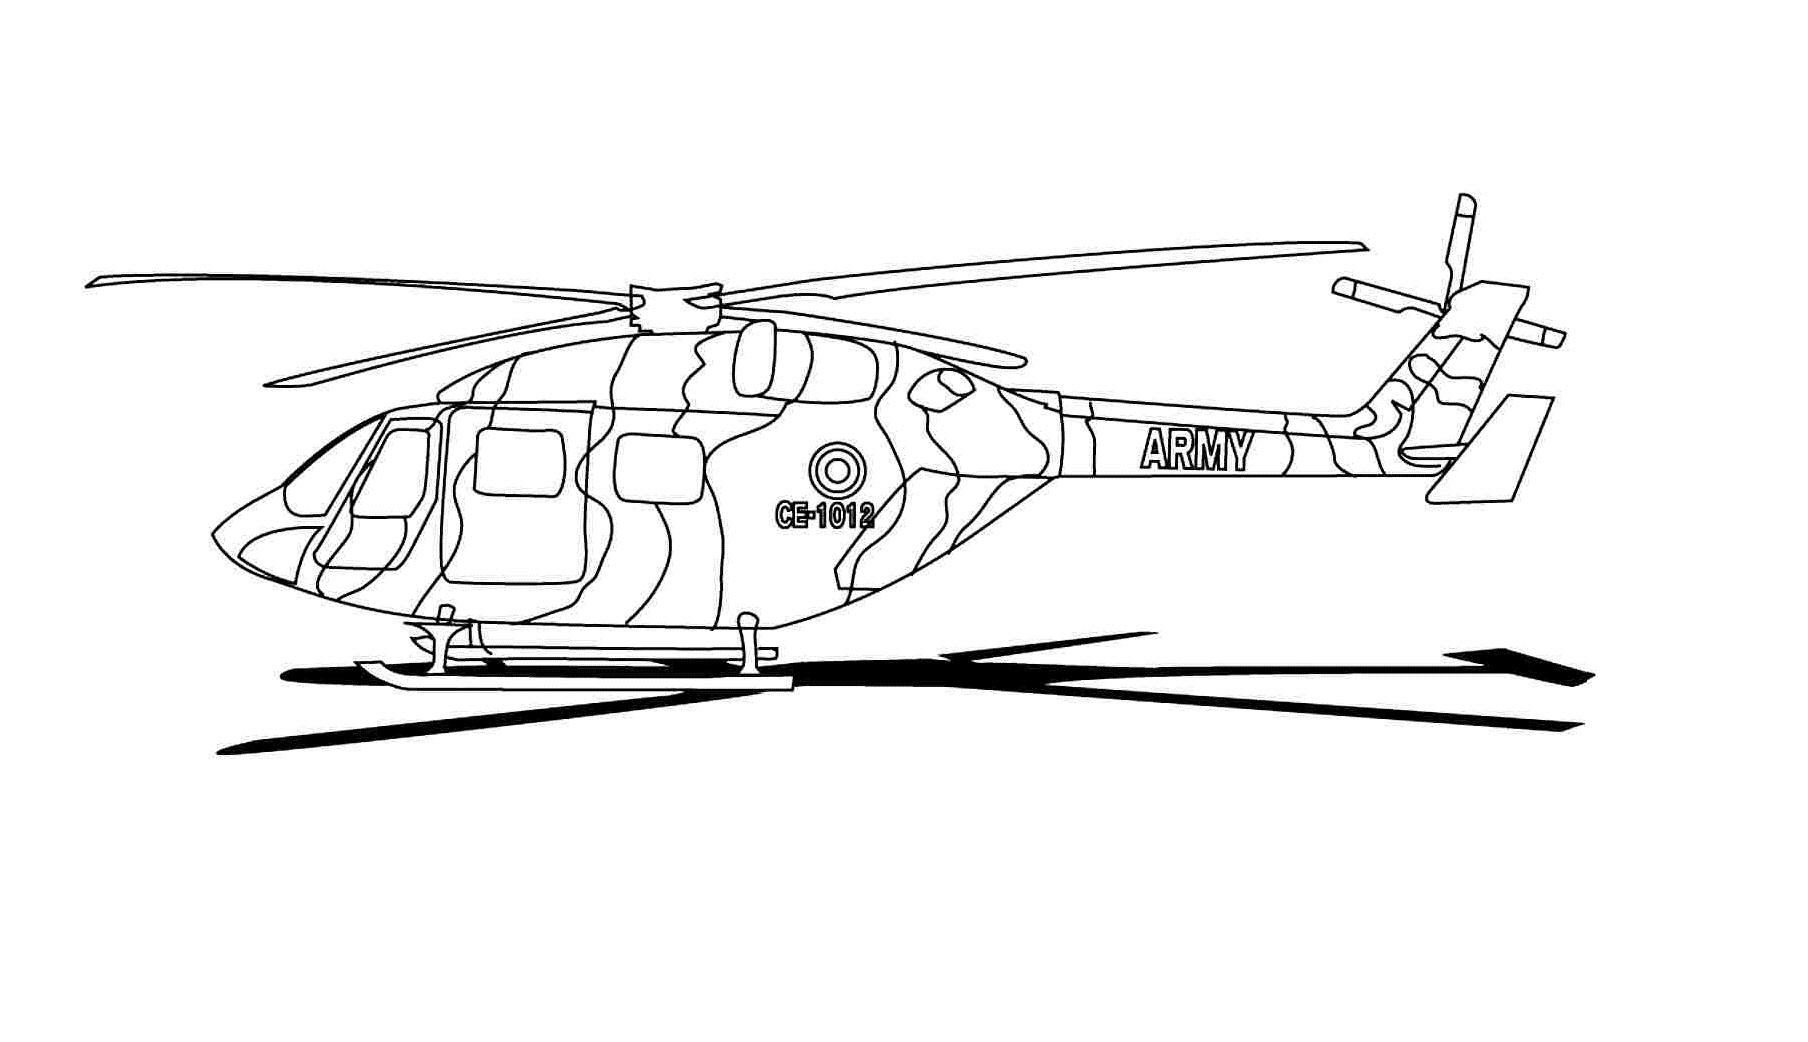 Tranh tô màu máy bay trực thăng quân sự đẹp